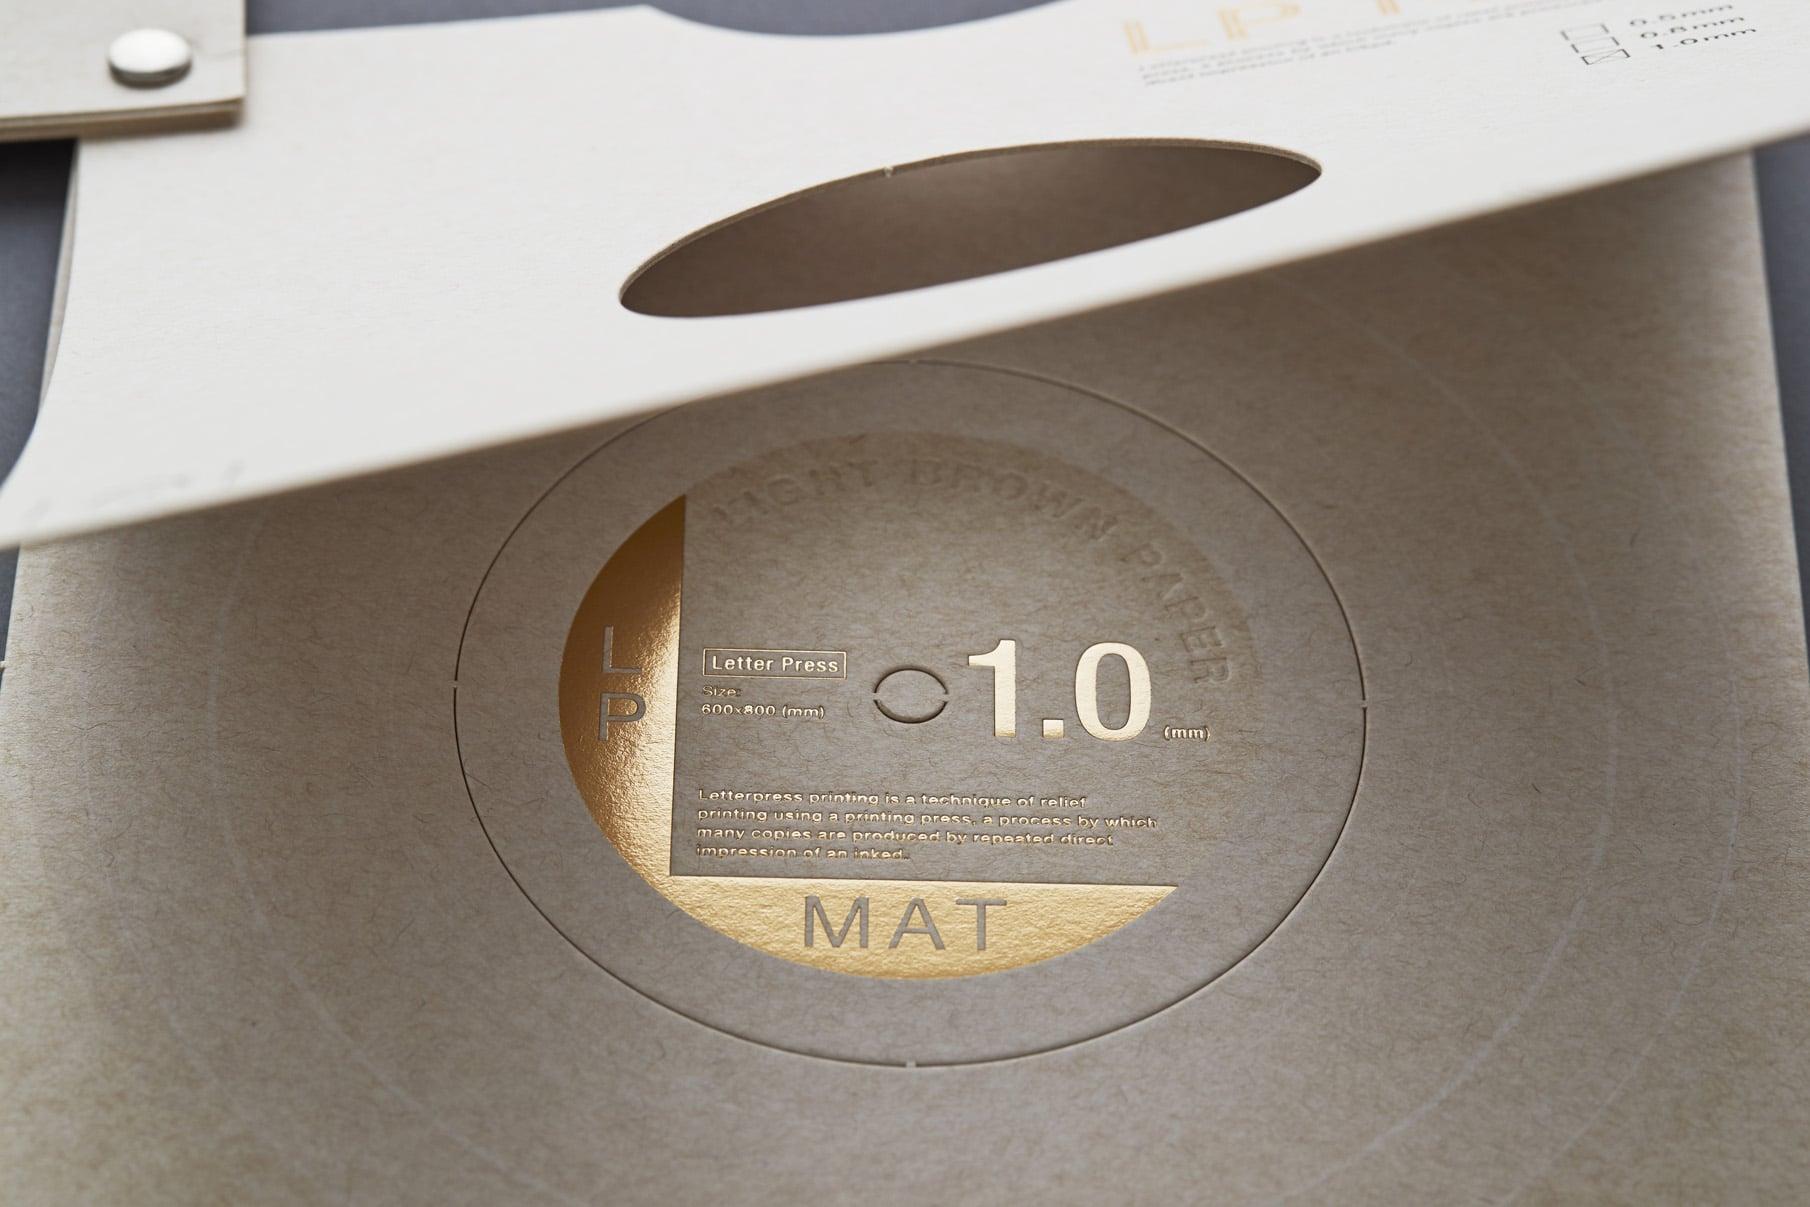 LP-MAT - Promotion Book 10